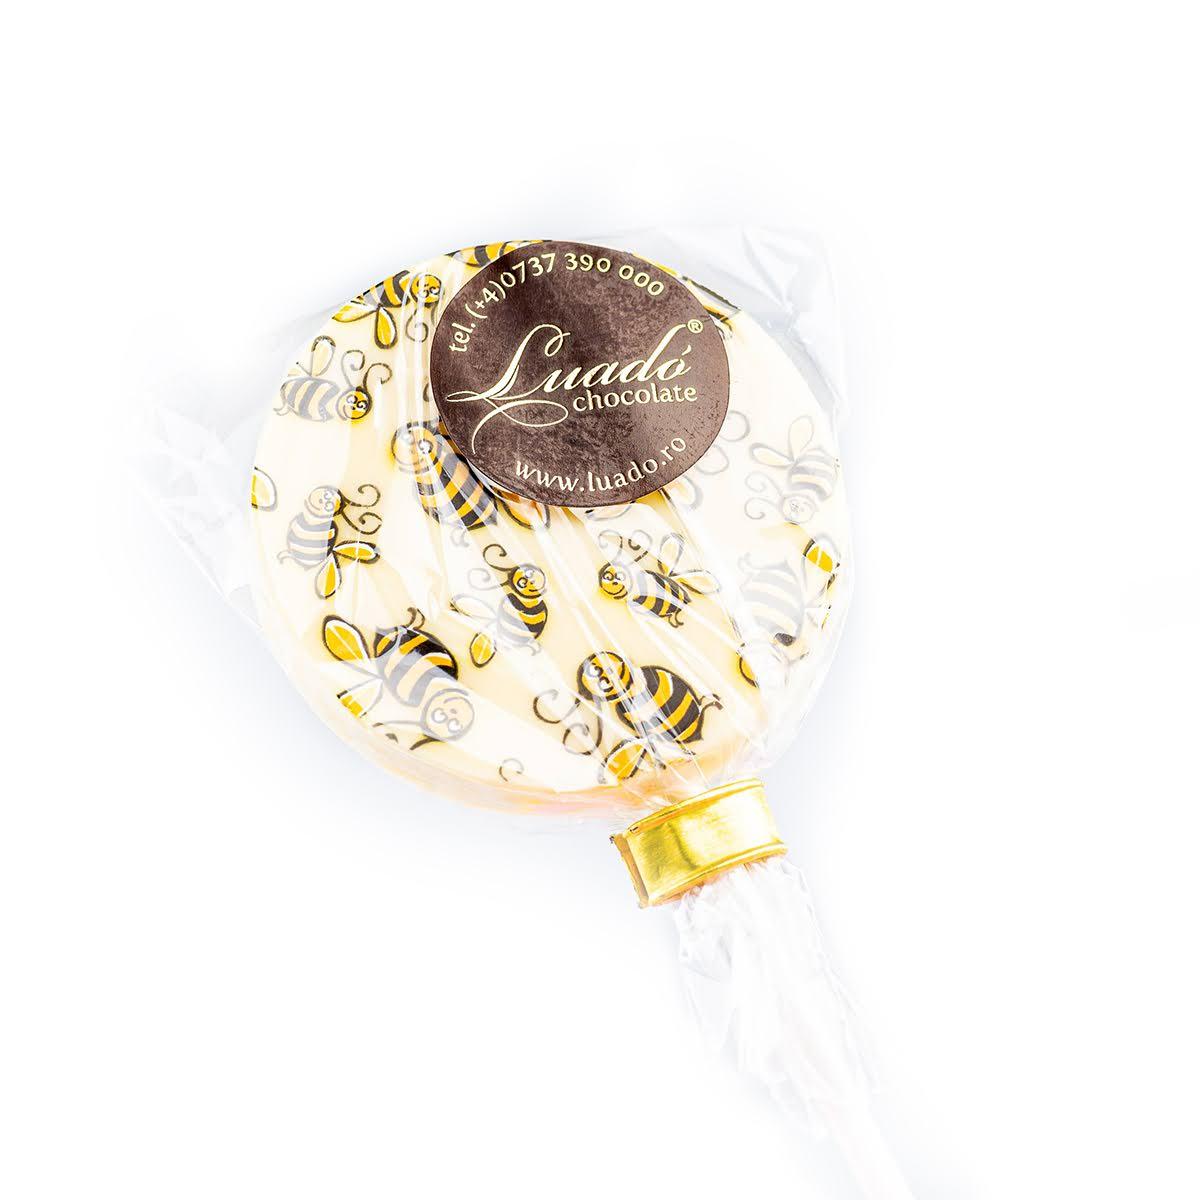 Acadea rotundă din ciocolată albă